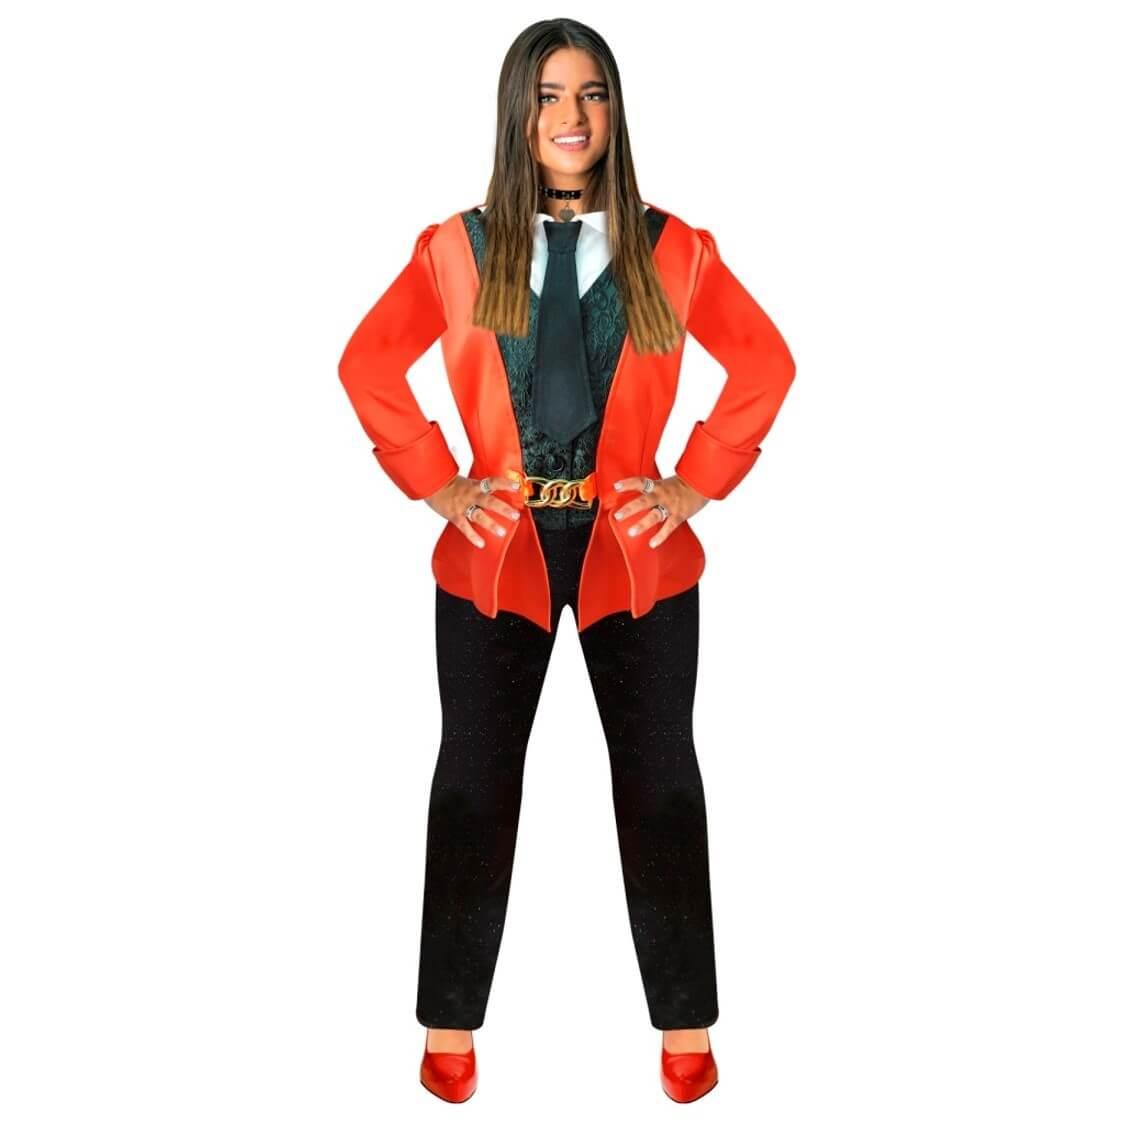 תחפושת נועה קירל פסטיגל  – חליפה אדומה לילדות  – פורים שושי זוהר